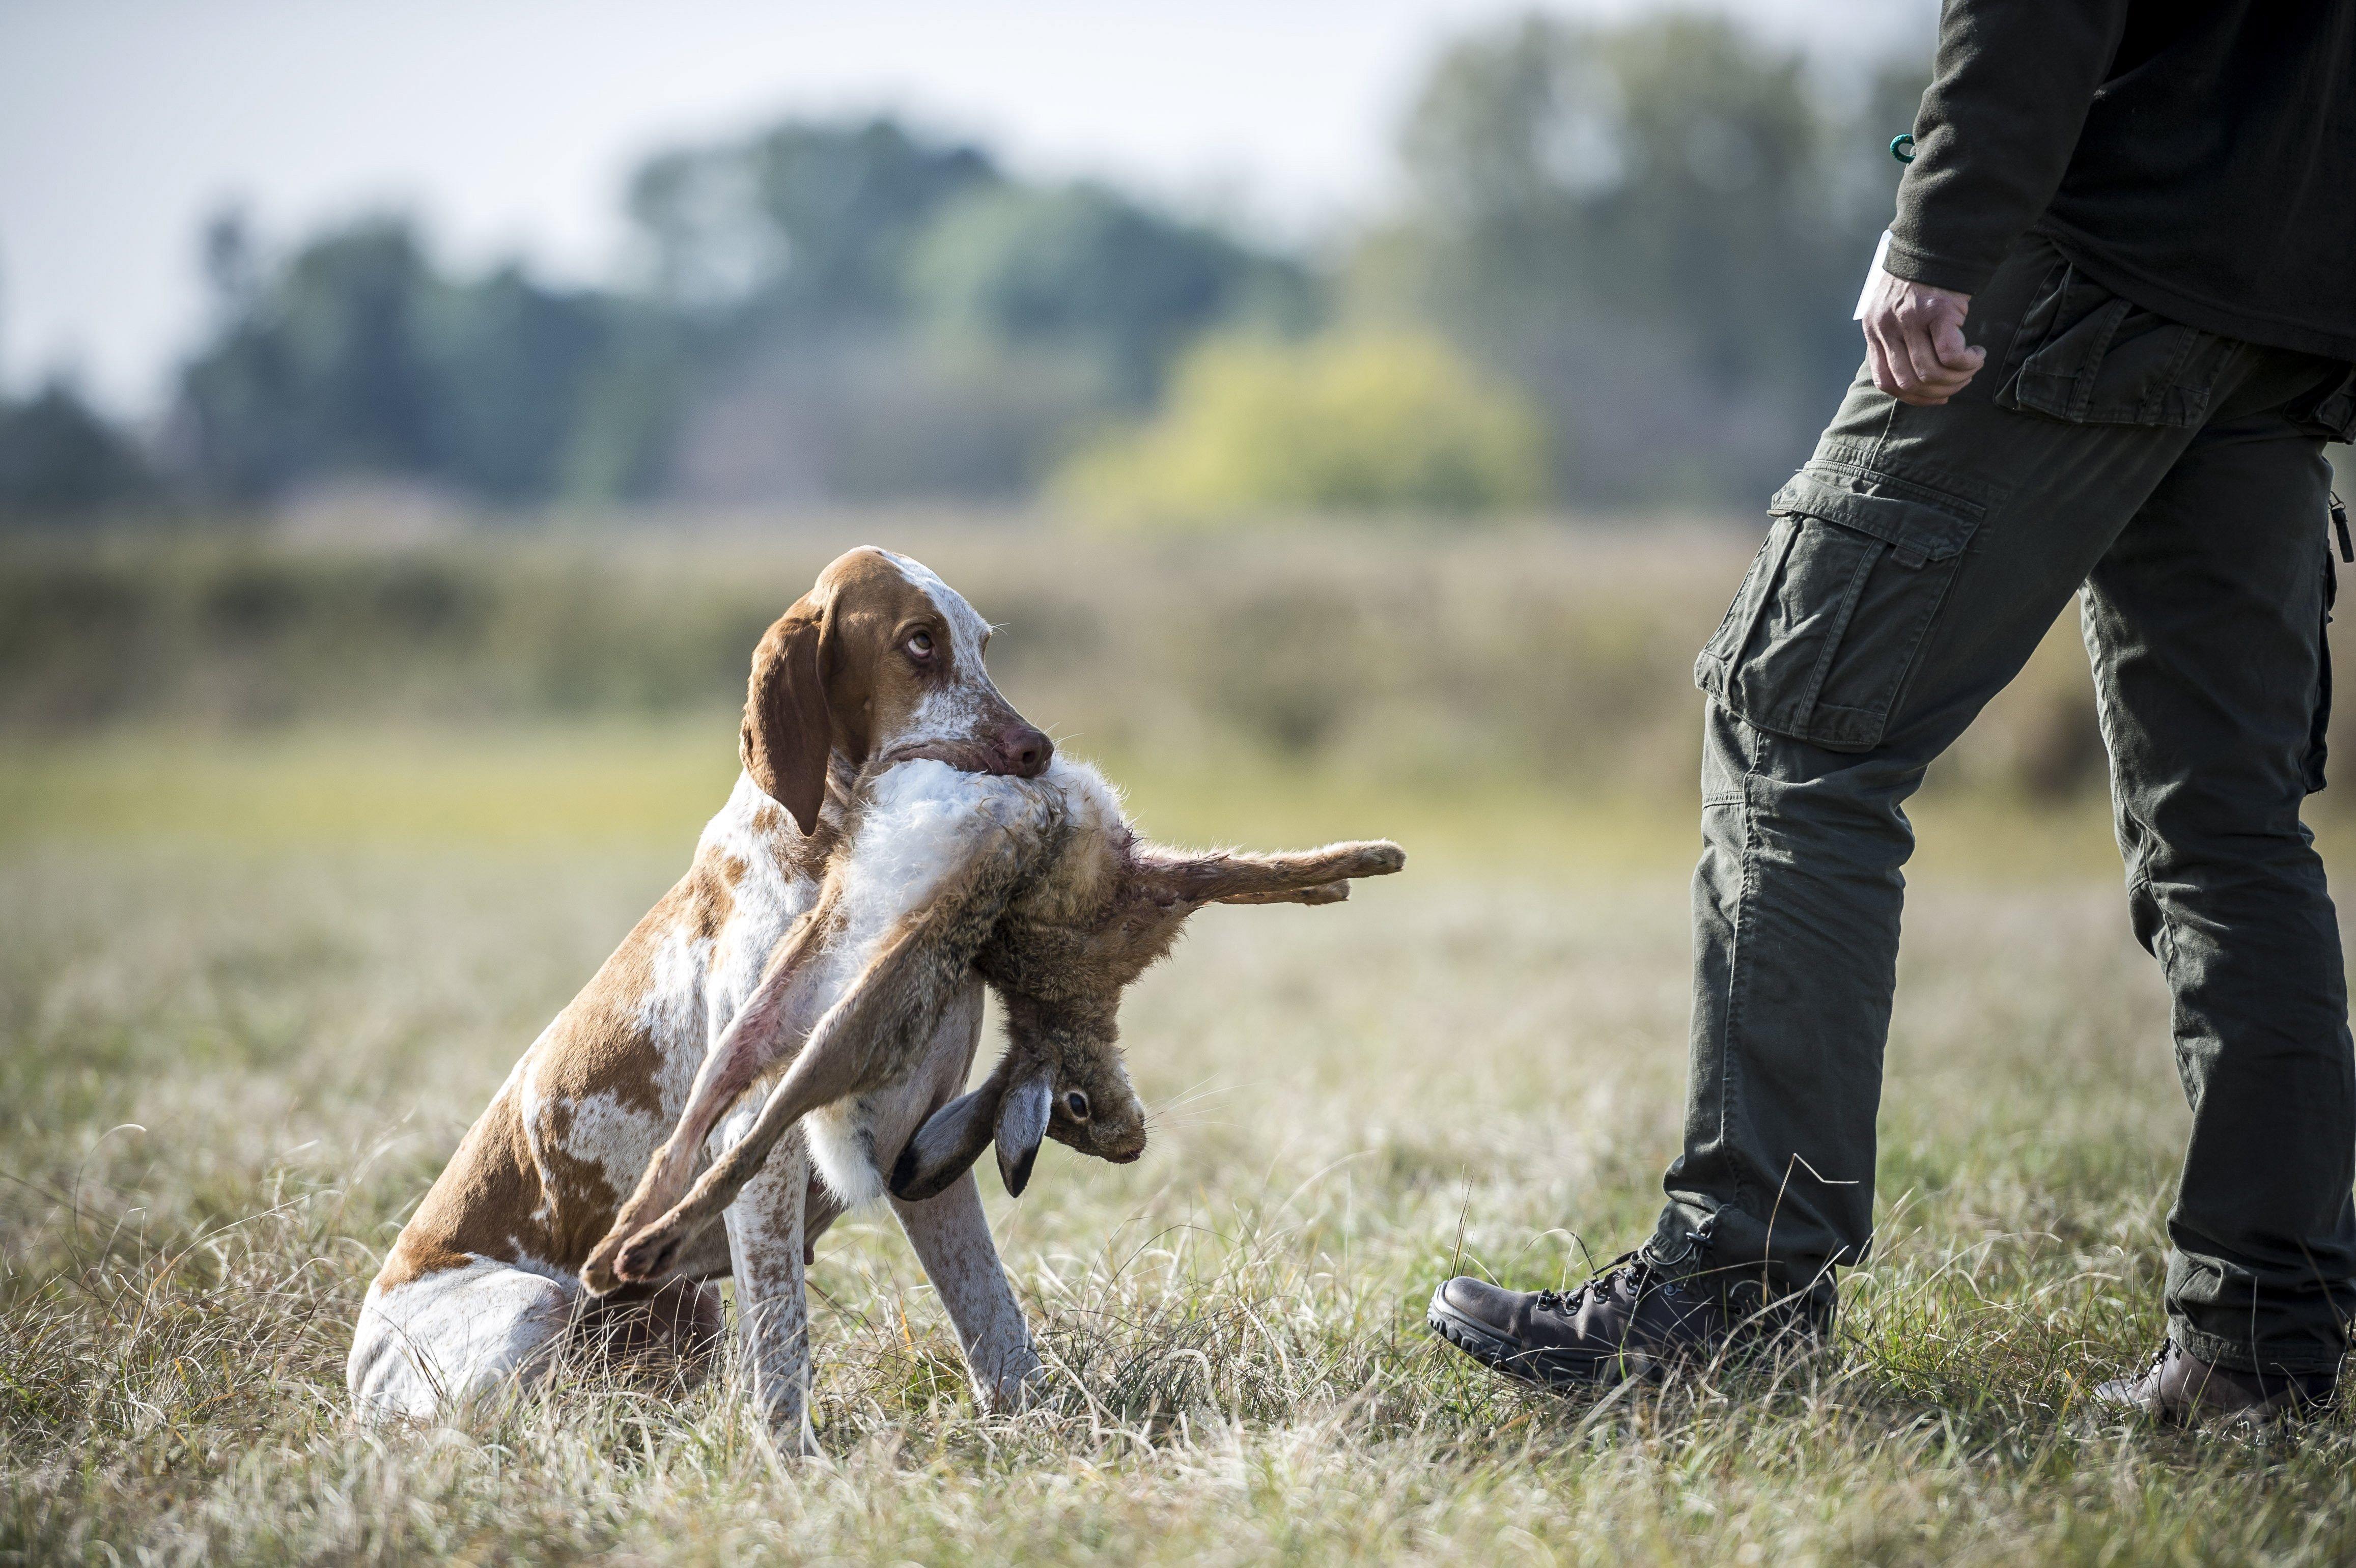 Már kormánybiztosa ÉS miniszteri biztosa IS van a 2021-es vadászati világkiállításnak - EZ TÉVEDÉS